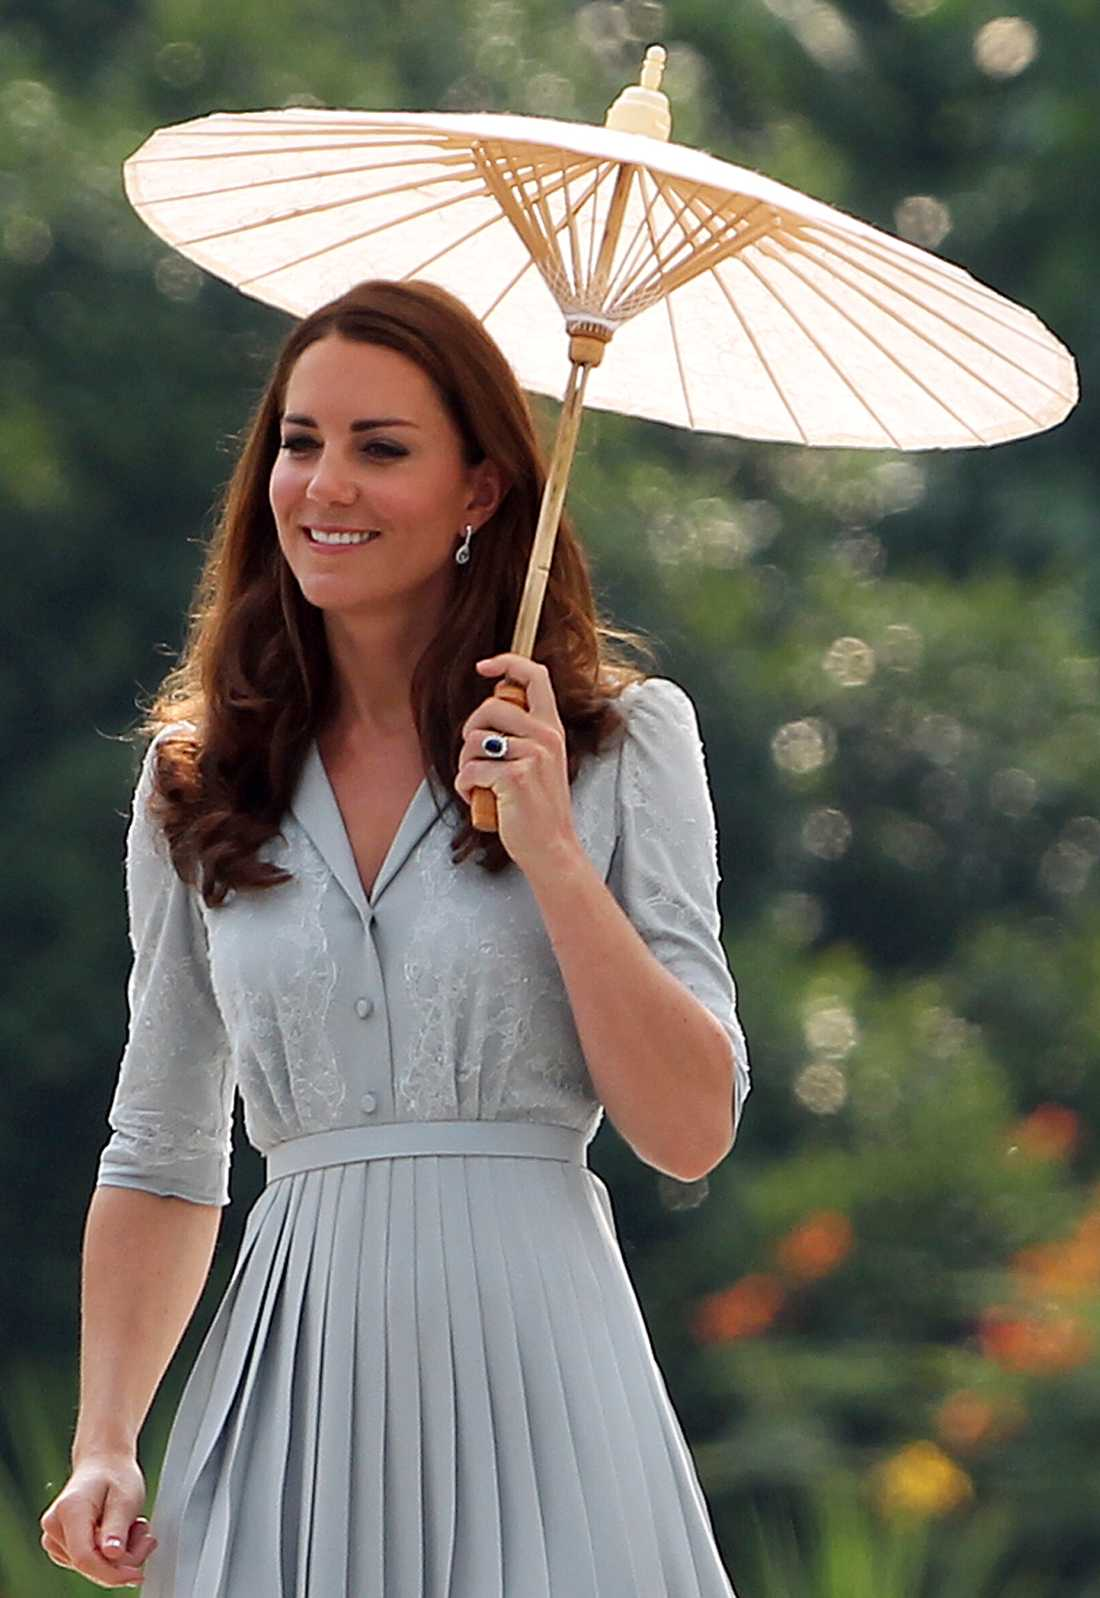 Det är mamma Kate Middleton som tagit bilderna på sin son.